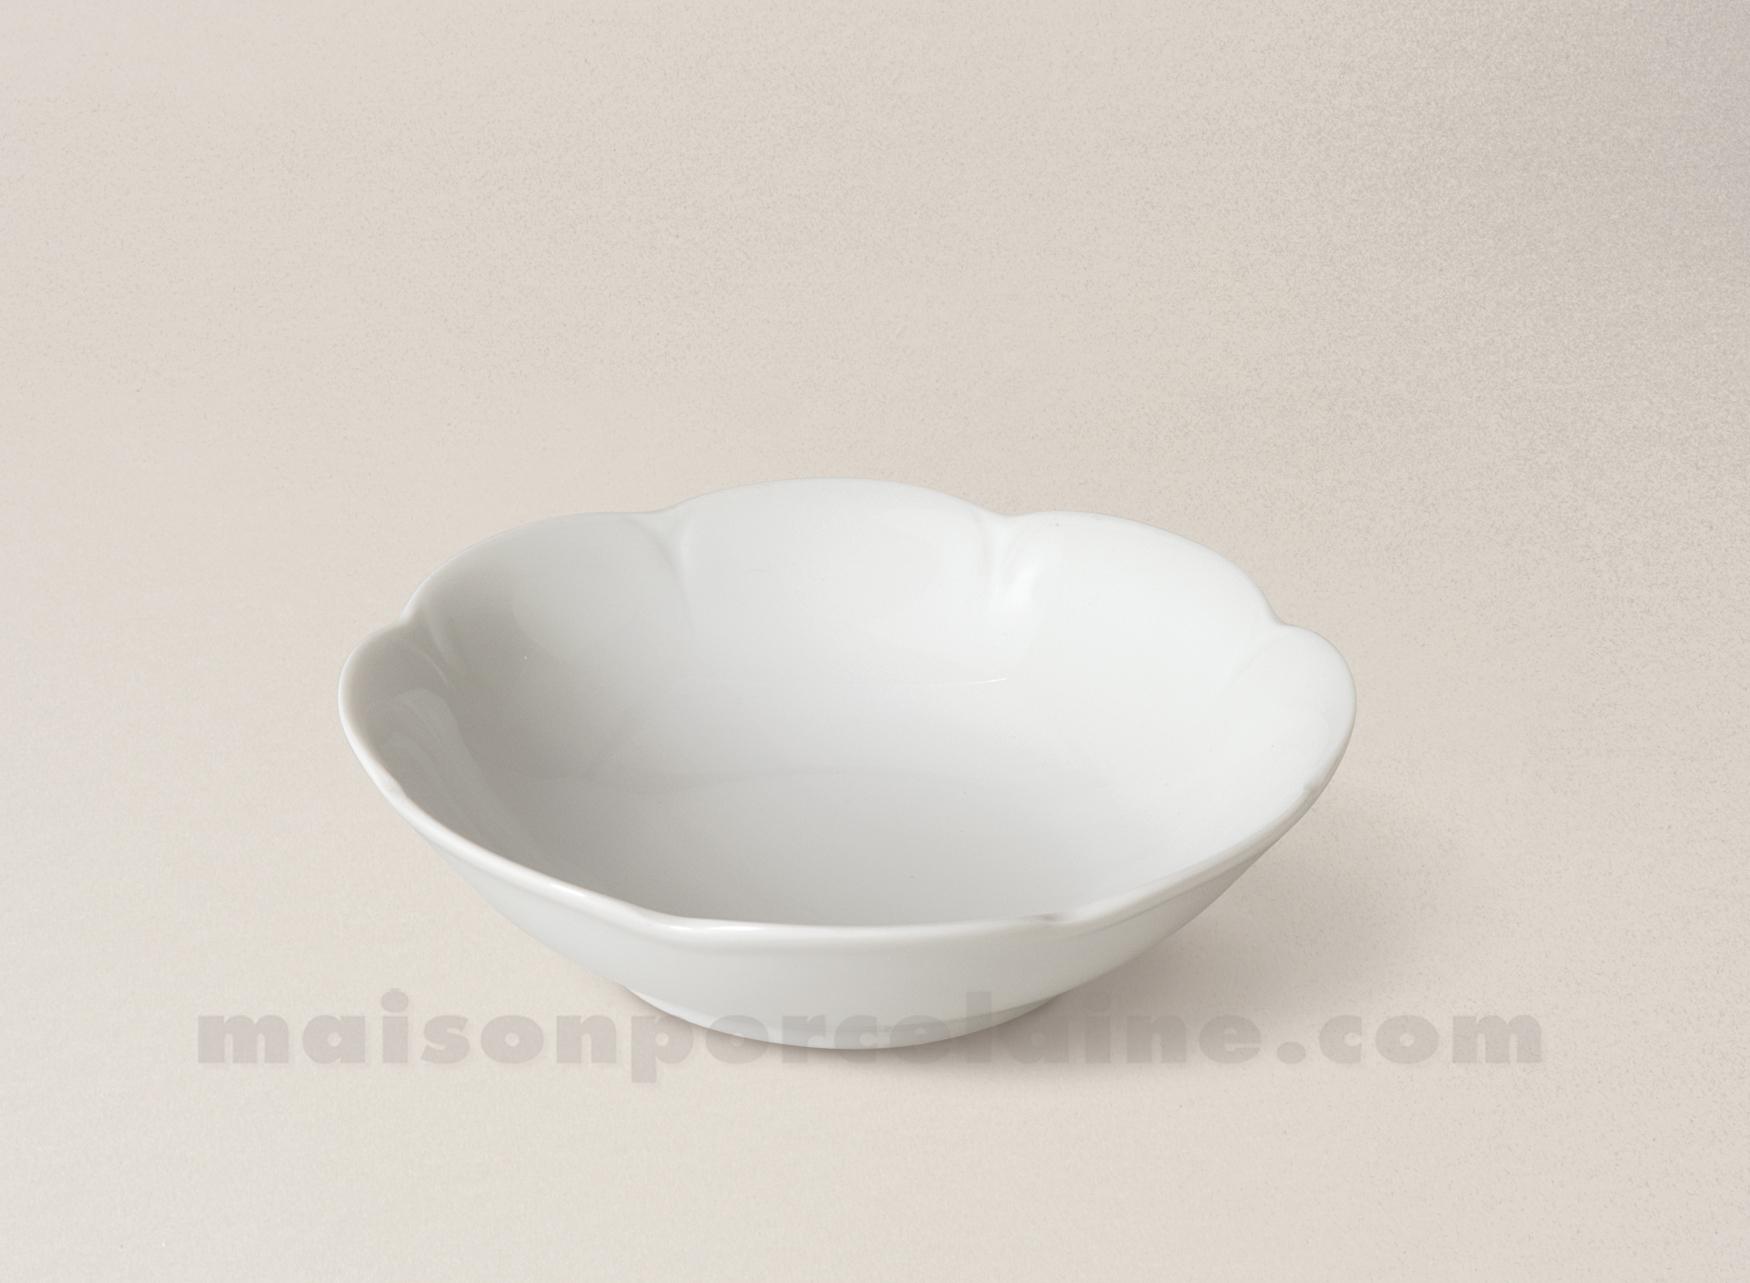 Coupelle creme limoges porcelaine blanche nymphea d13 5 - La maison de porcelaine ...